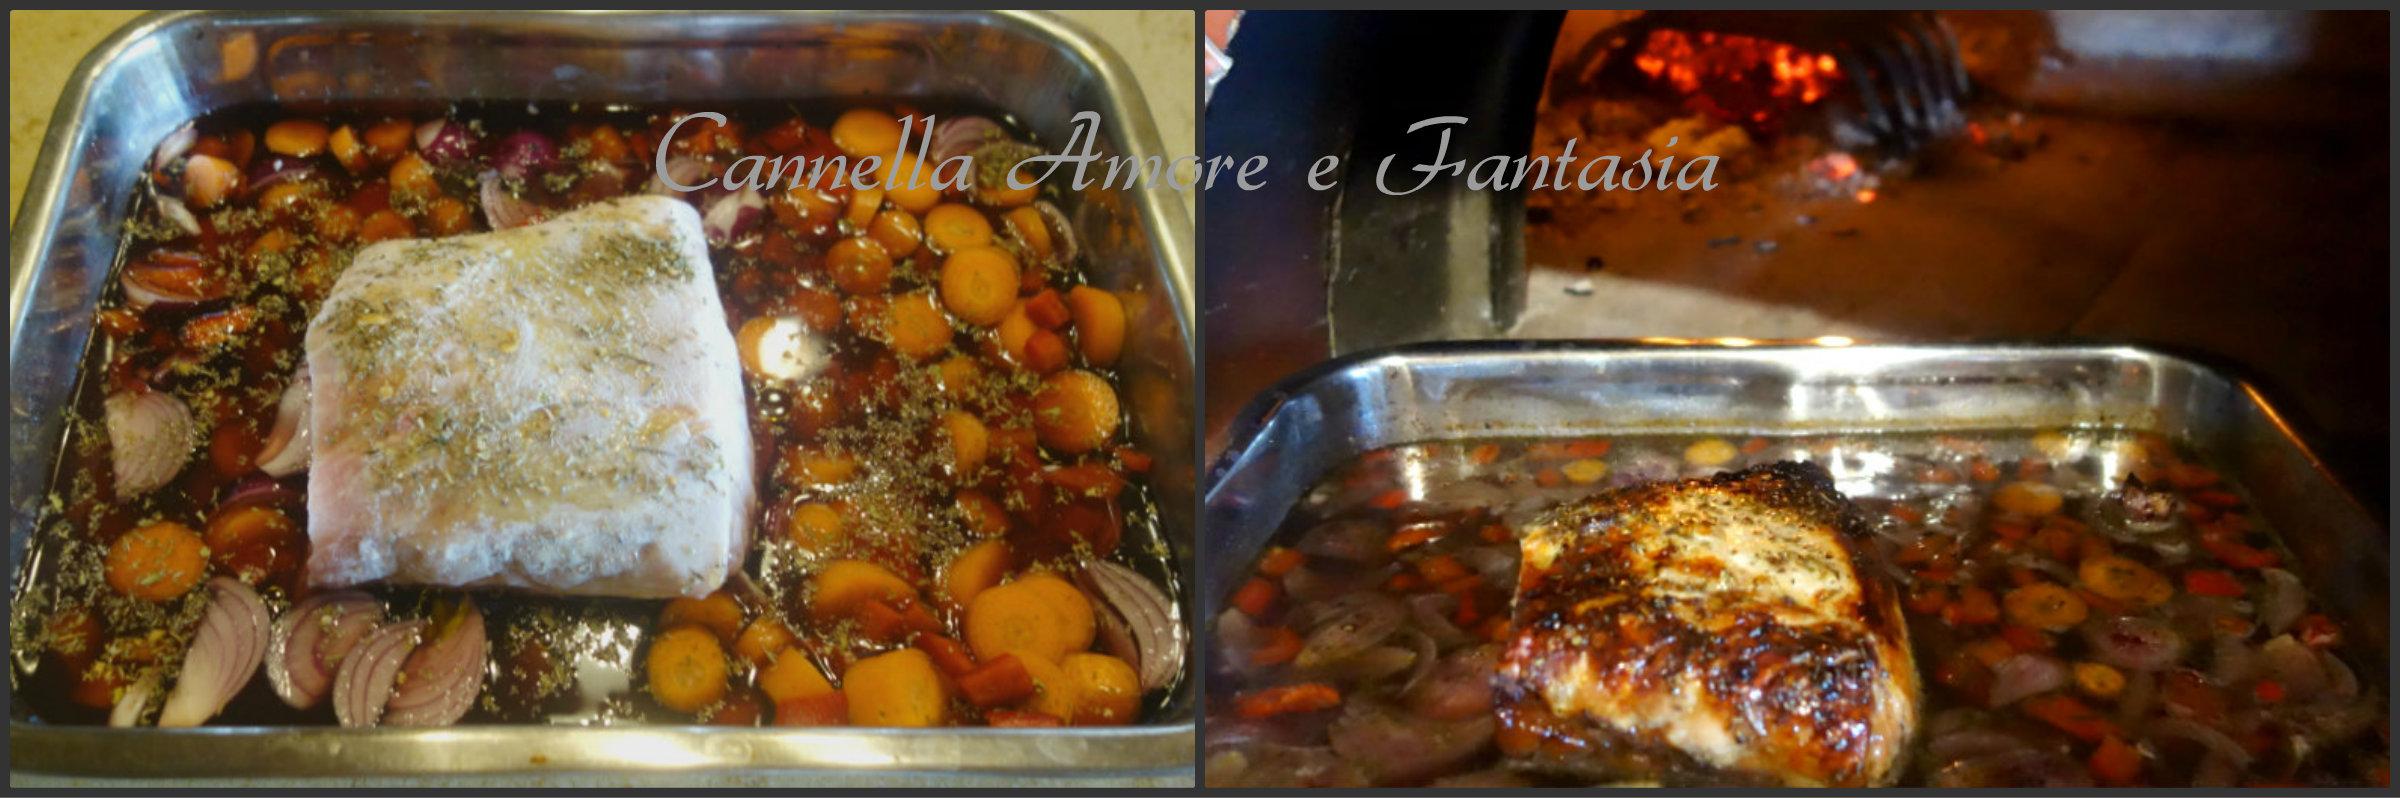 Arrosto di maiale con riduzione al vino rosso collage finito